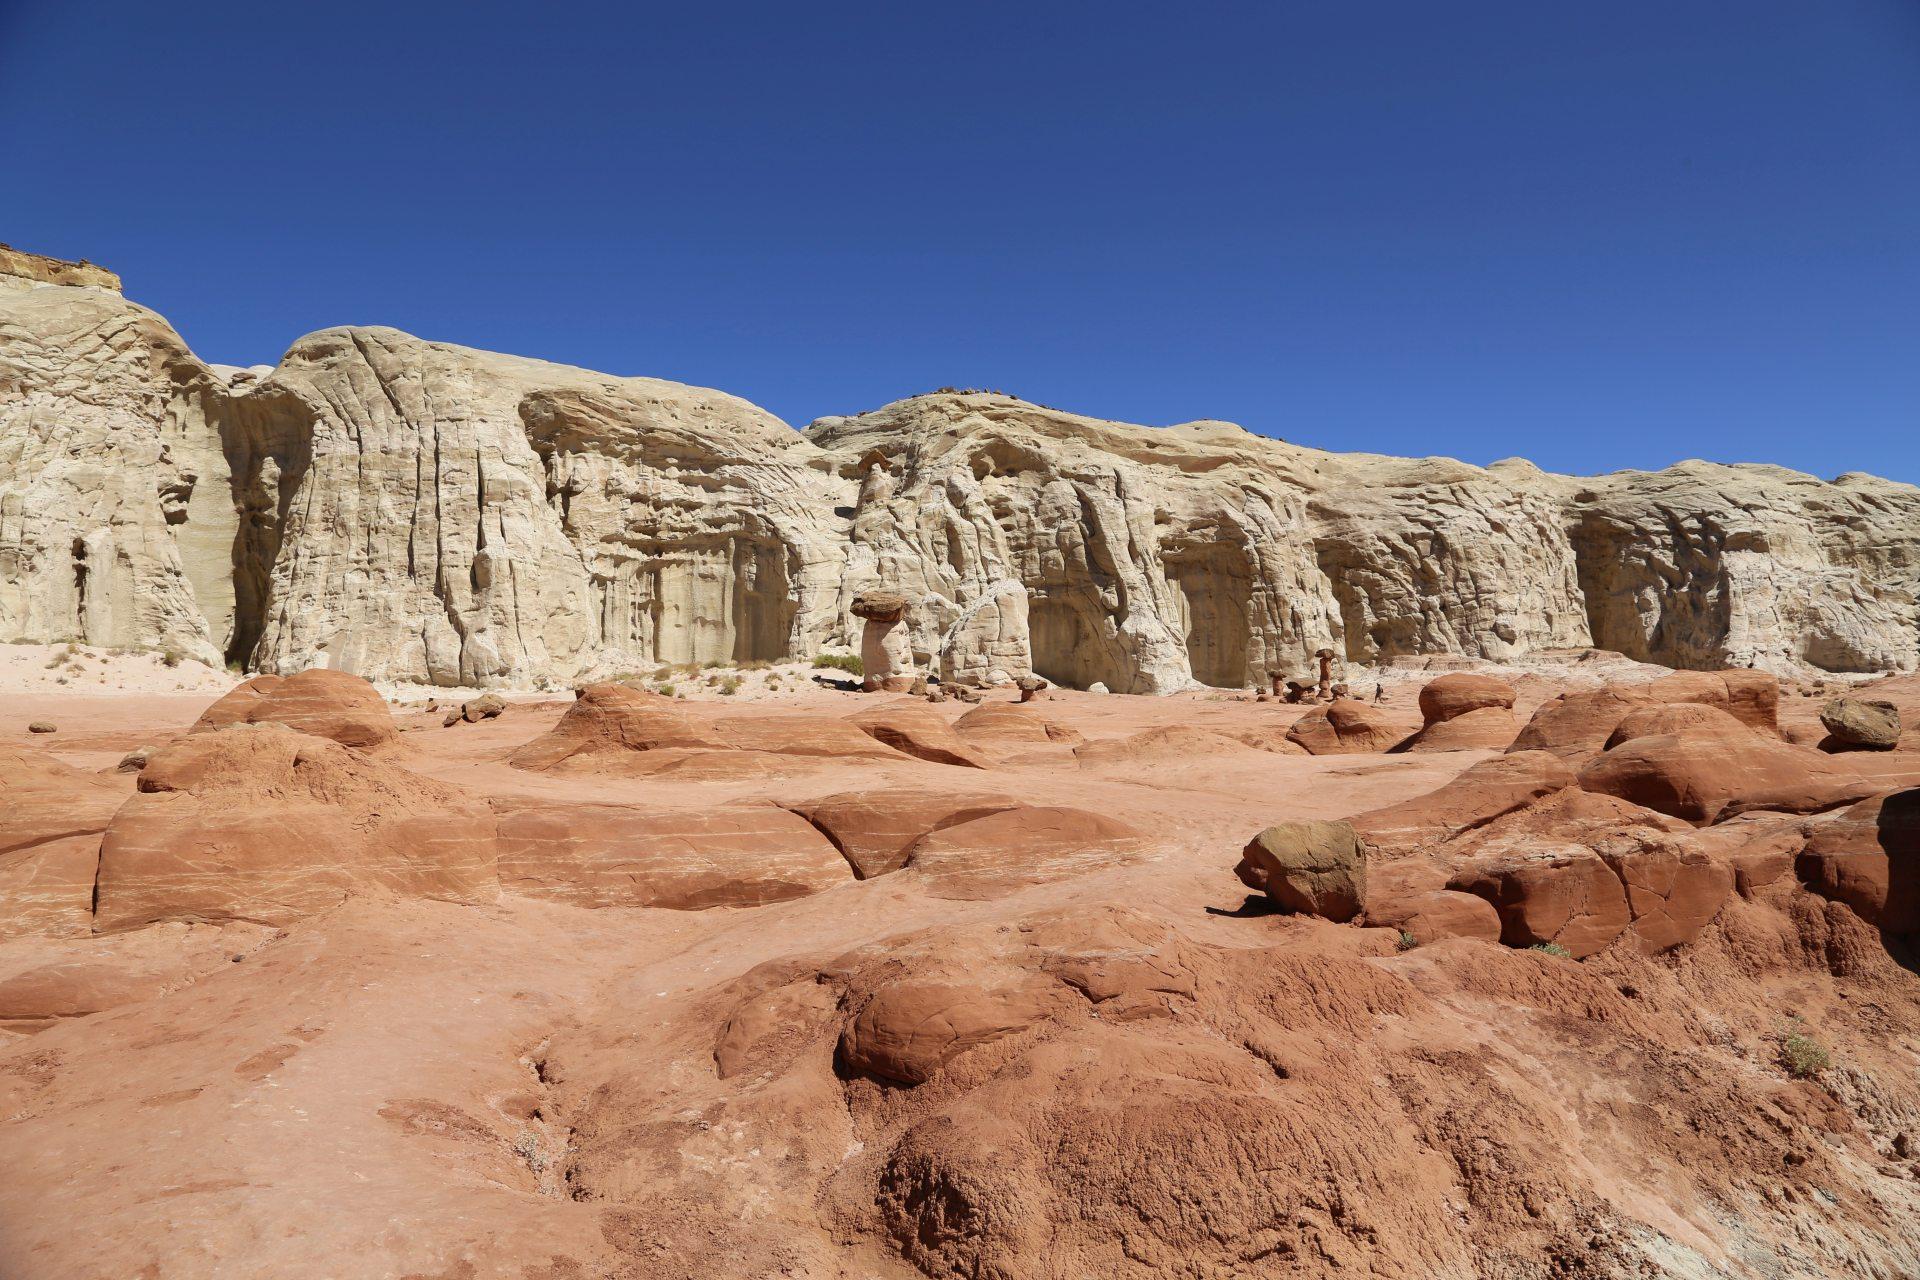 In dieser imposanten Umgebung schießen die Toadstool Hoodoos wie Schwammerl aus dem Boden! - Farben, farbenfroh, Felsformationen, Felslandschaft, Geologie, Gesteinsschichten, Grand Staircase Escalante National Monument, GSENM, Himmel, Paria Rimrocks, Sandstein, Sandsteinformationen, Toadstool Hoodoos, Utah - (Paria, , Utah, Vereinigte Staaten)